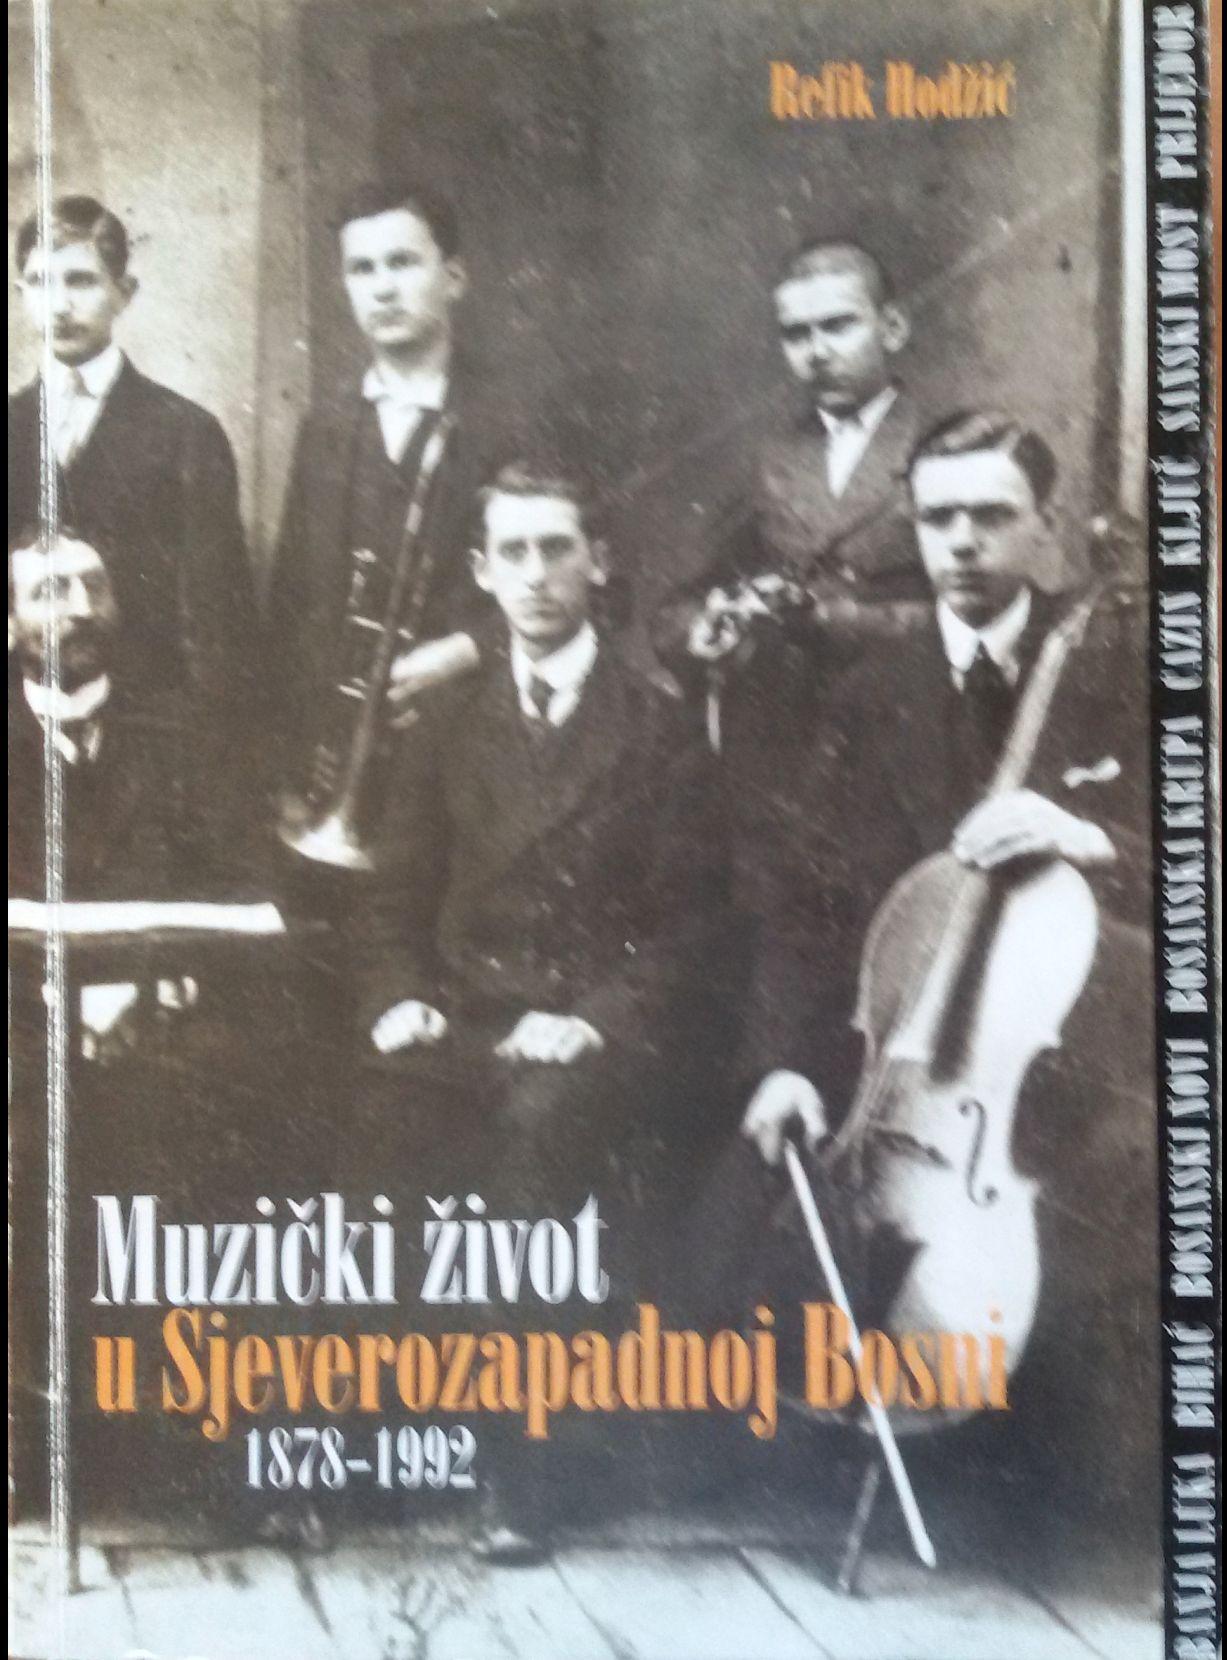 Knjiga Muzički život u Sjeverozapadnoj Bosni